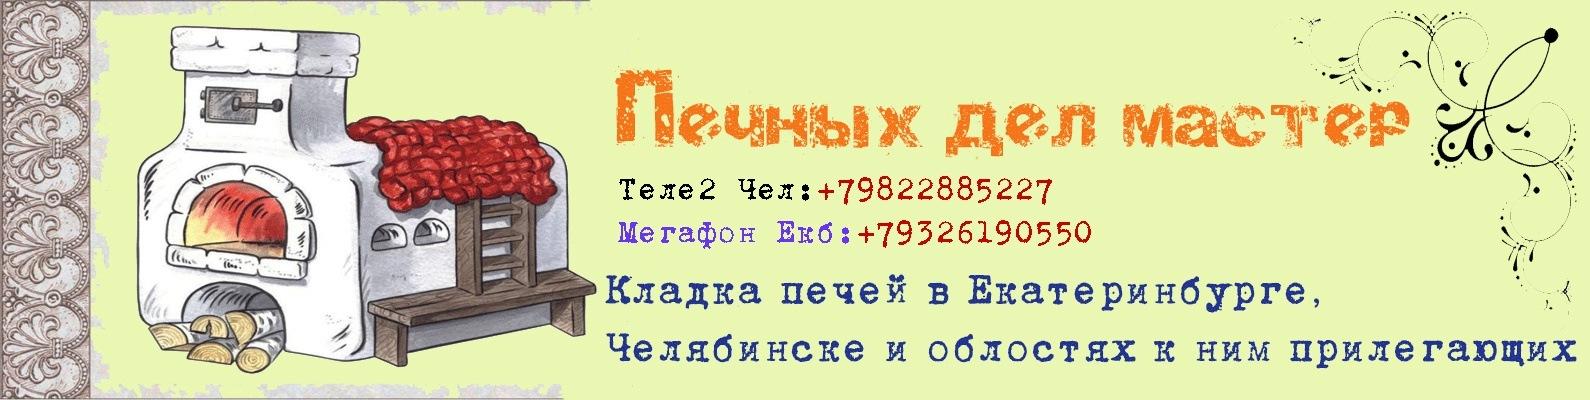 Печник Анекдот